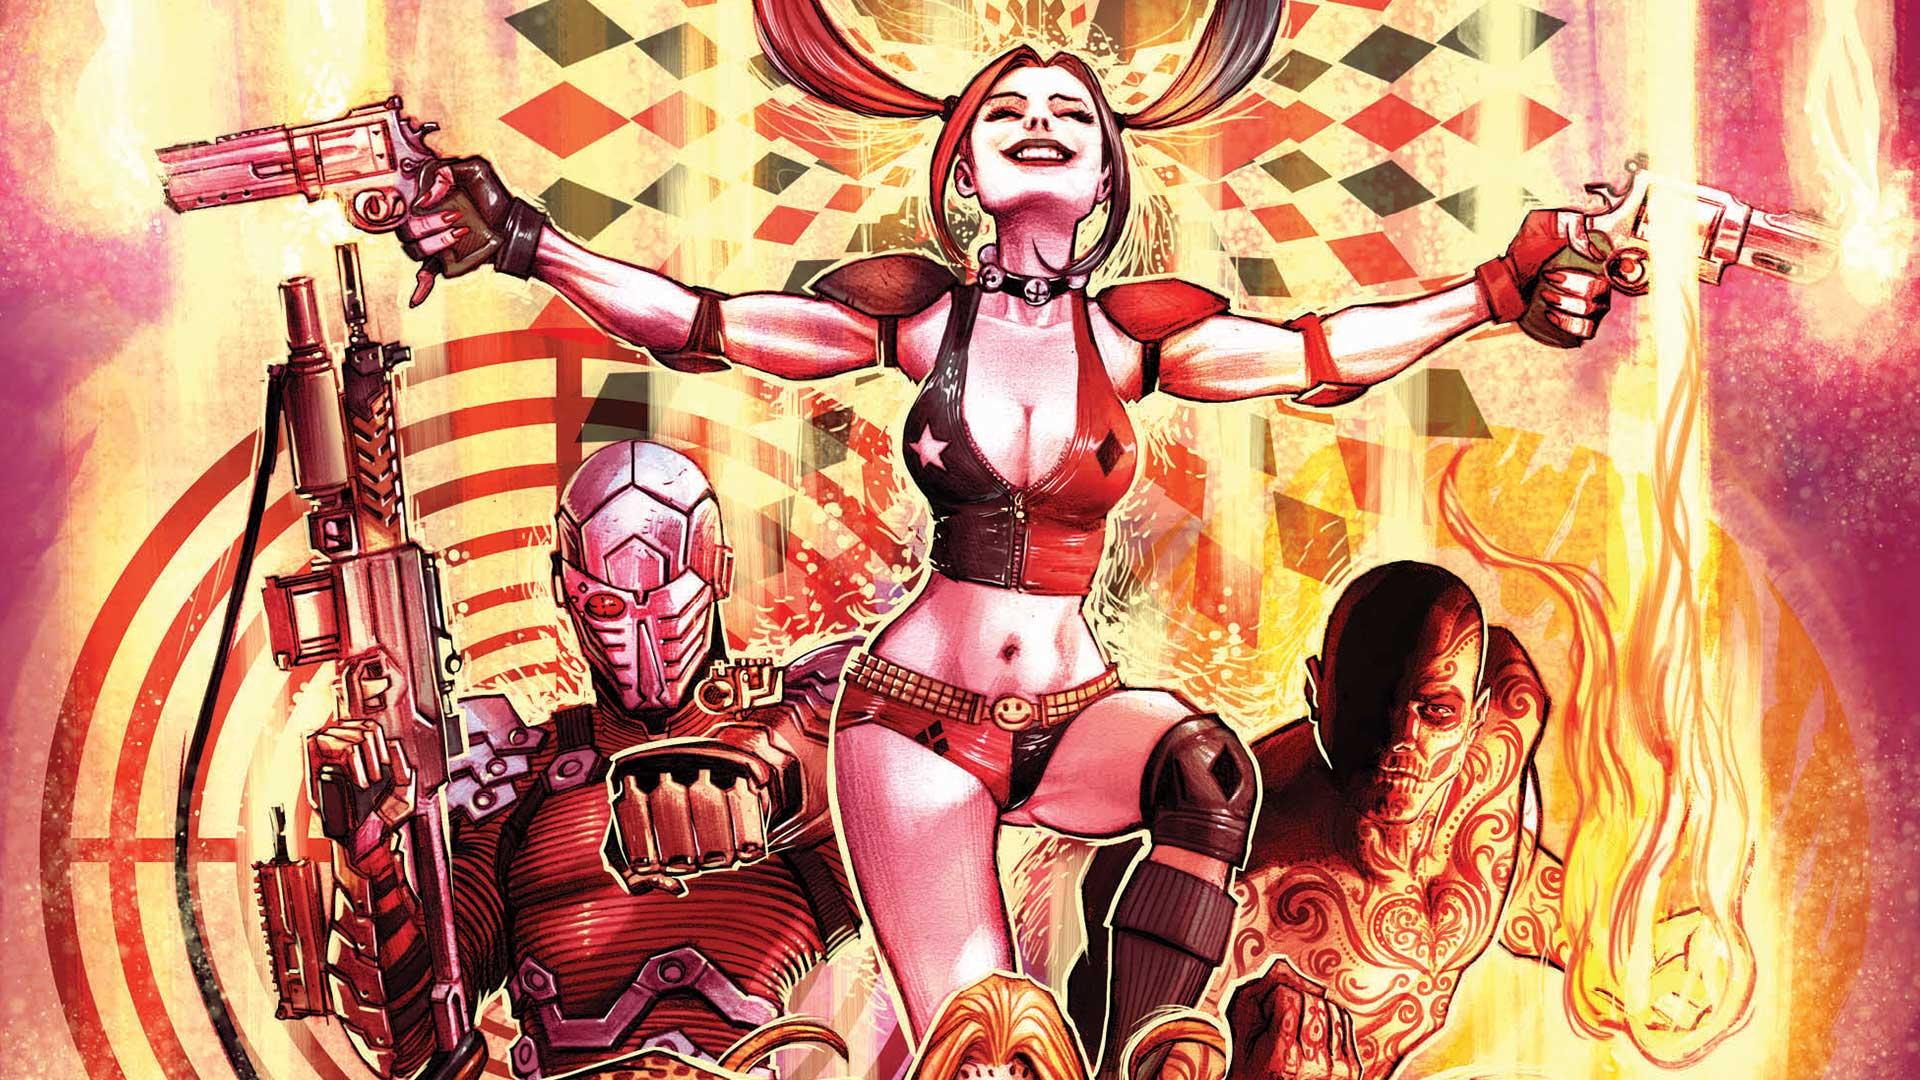 Игры и фильмы по комиксам: Suicide Squad. - Изображение 1